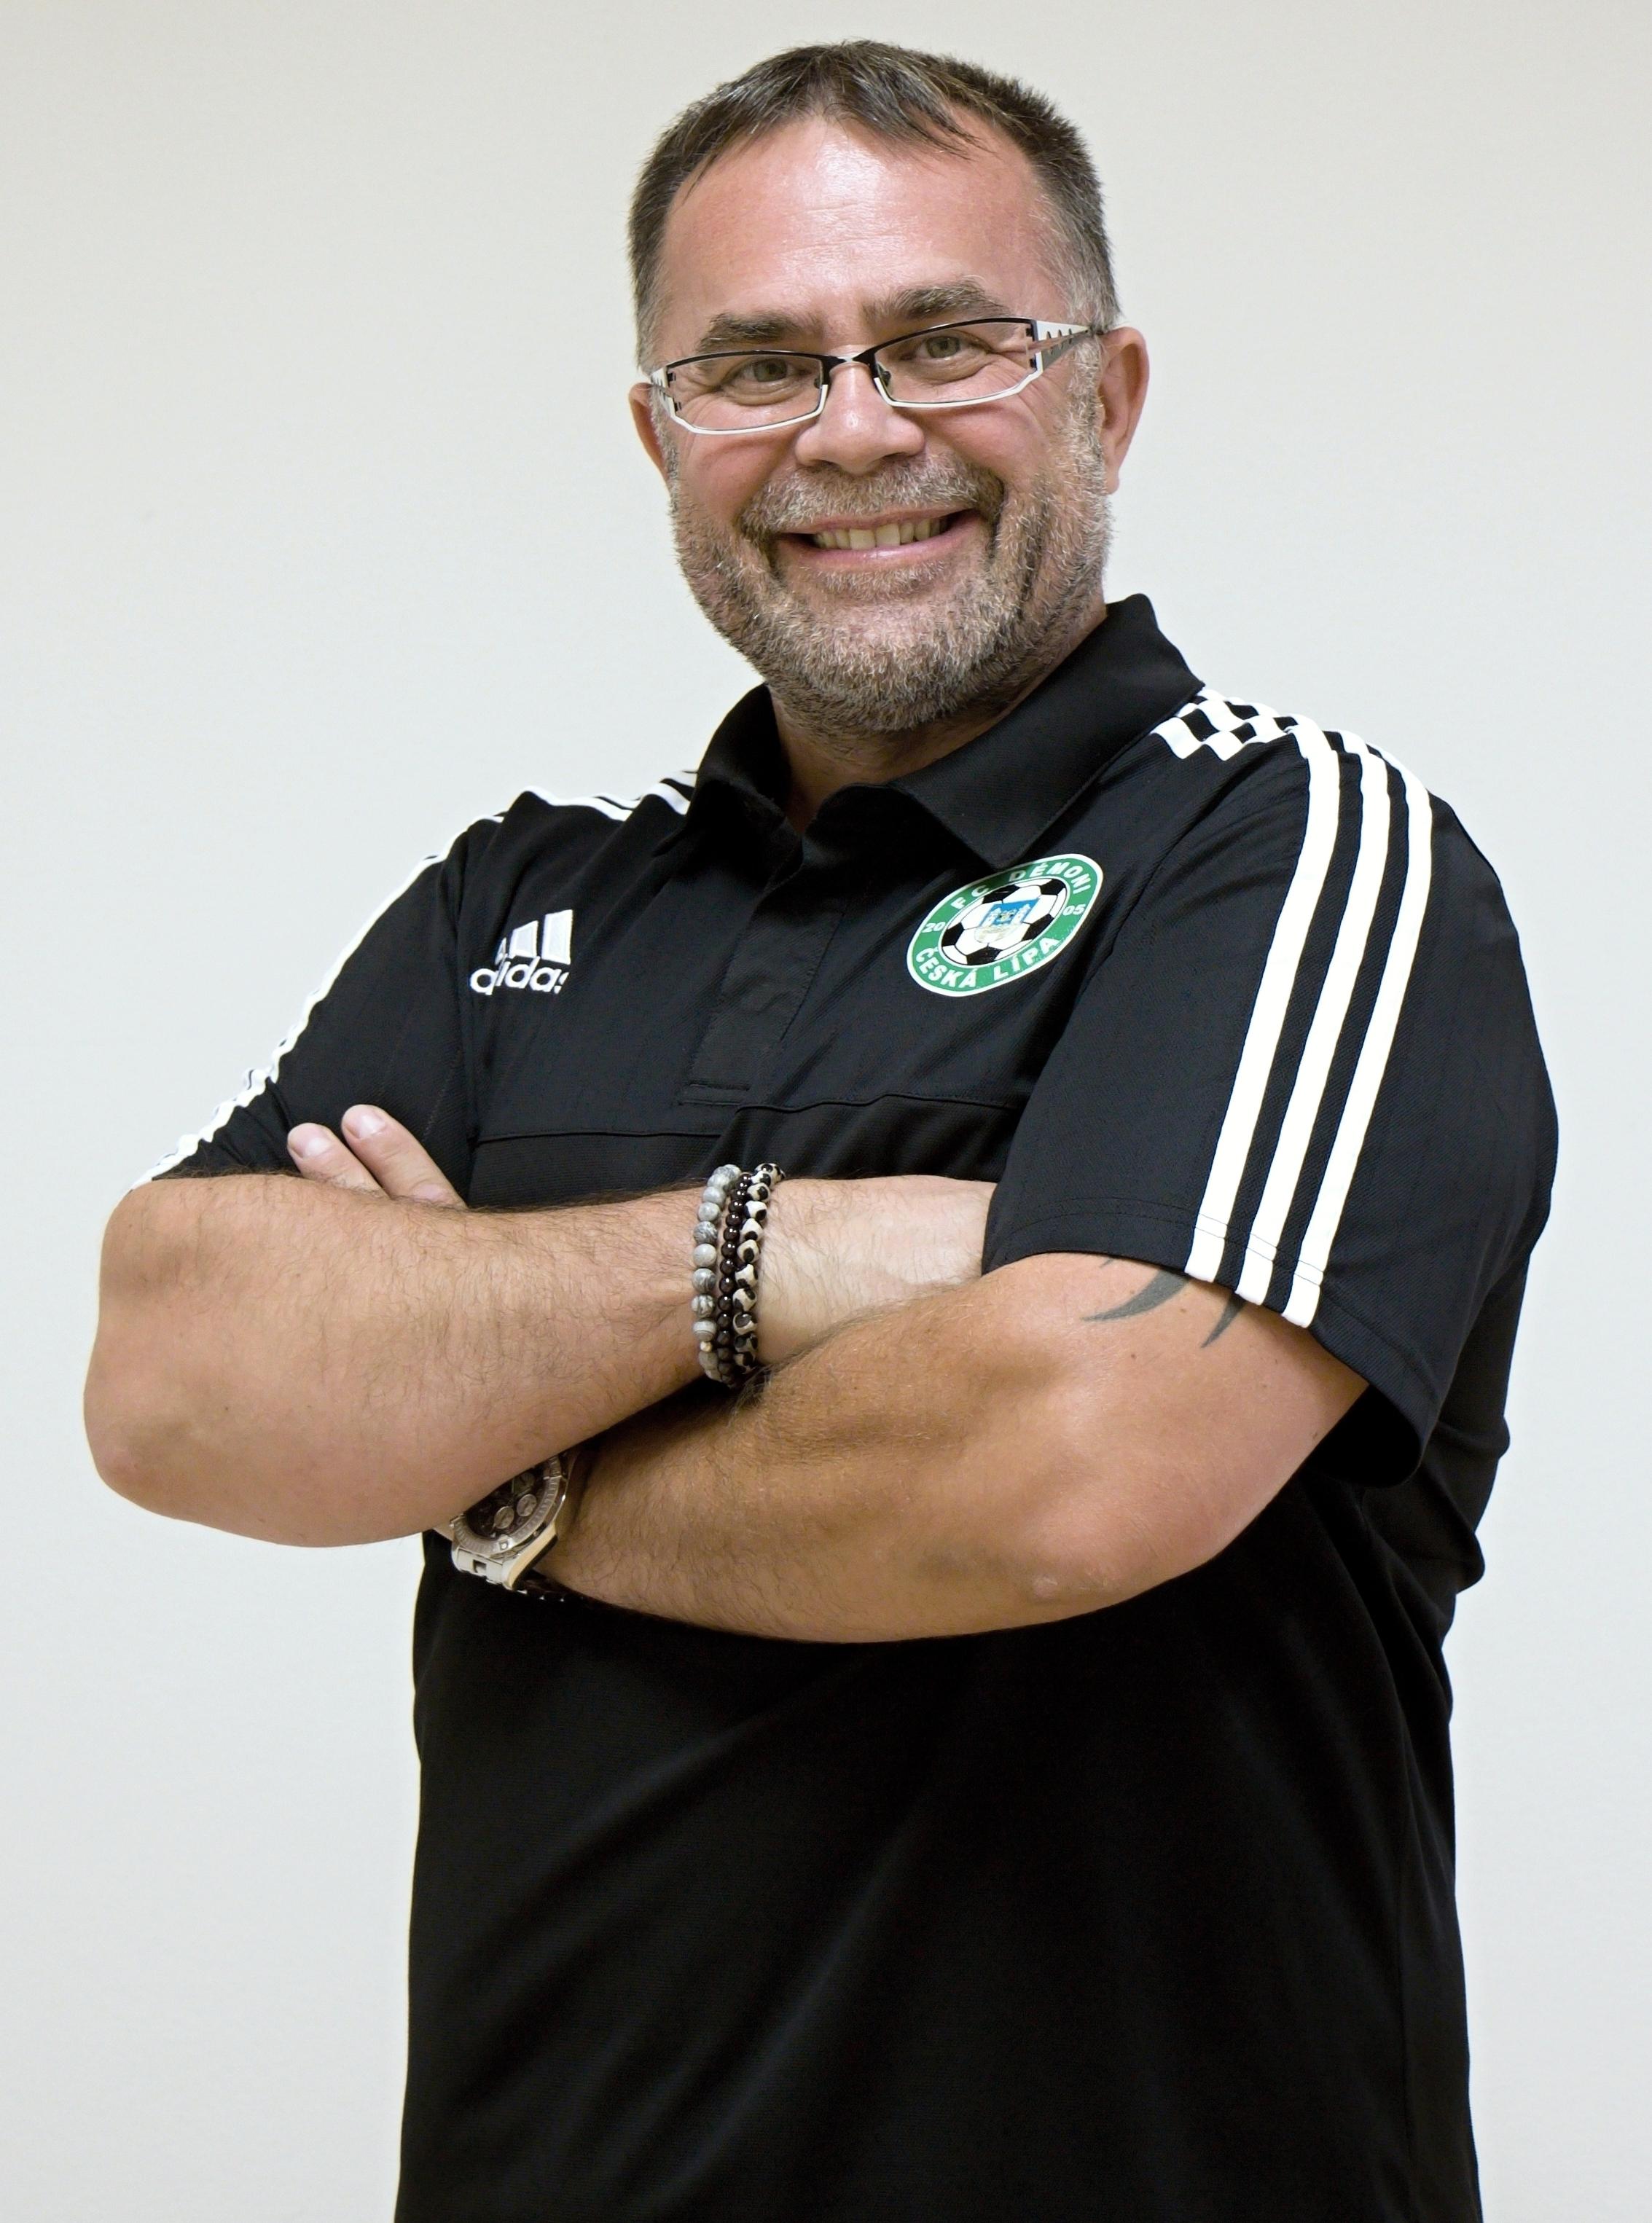 Prezident a předseda klubu / Hlavní trenér mládeže